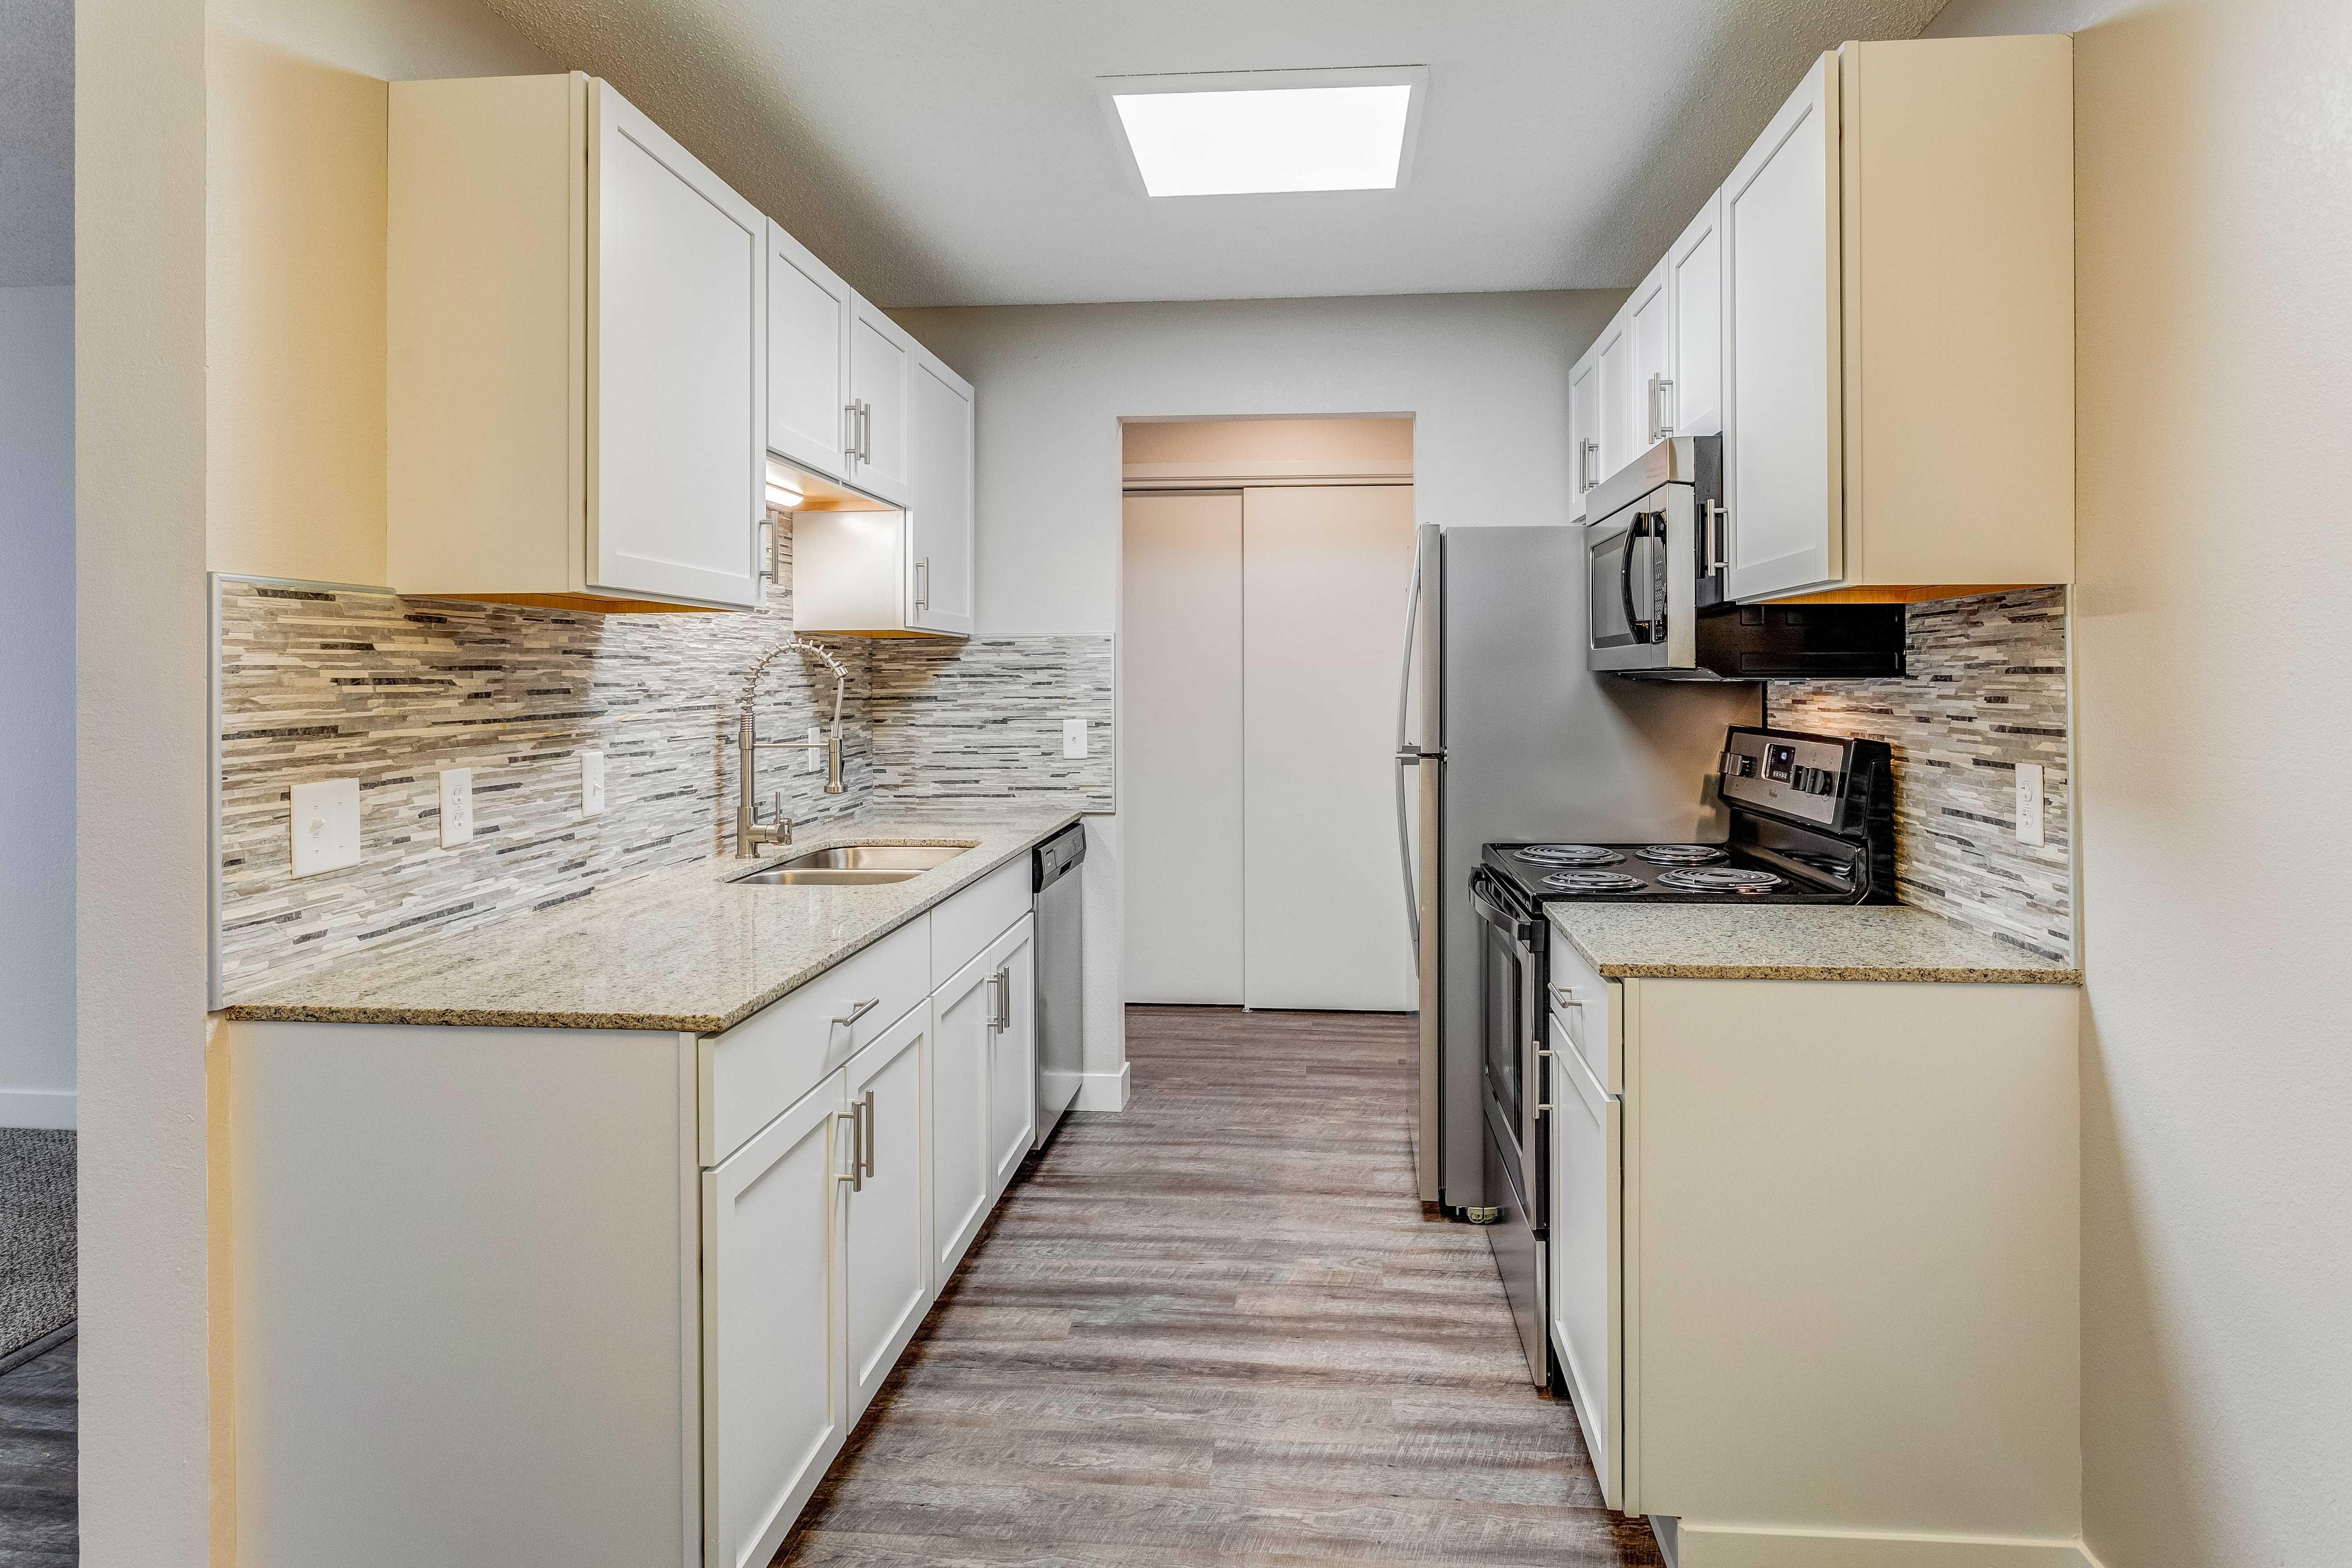 Galley kitchen view.